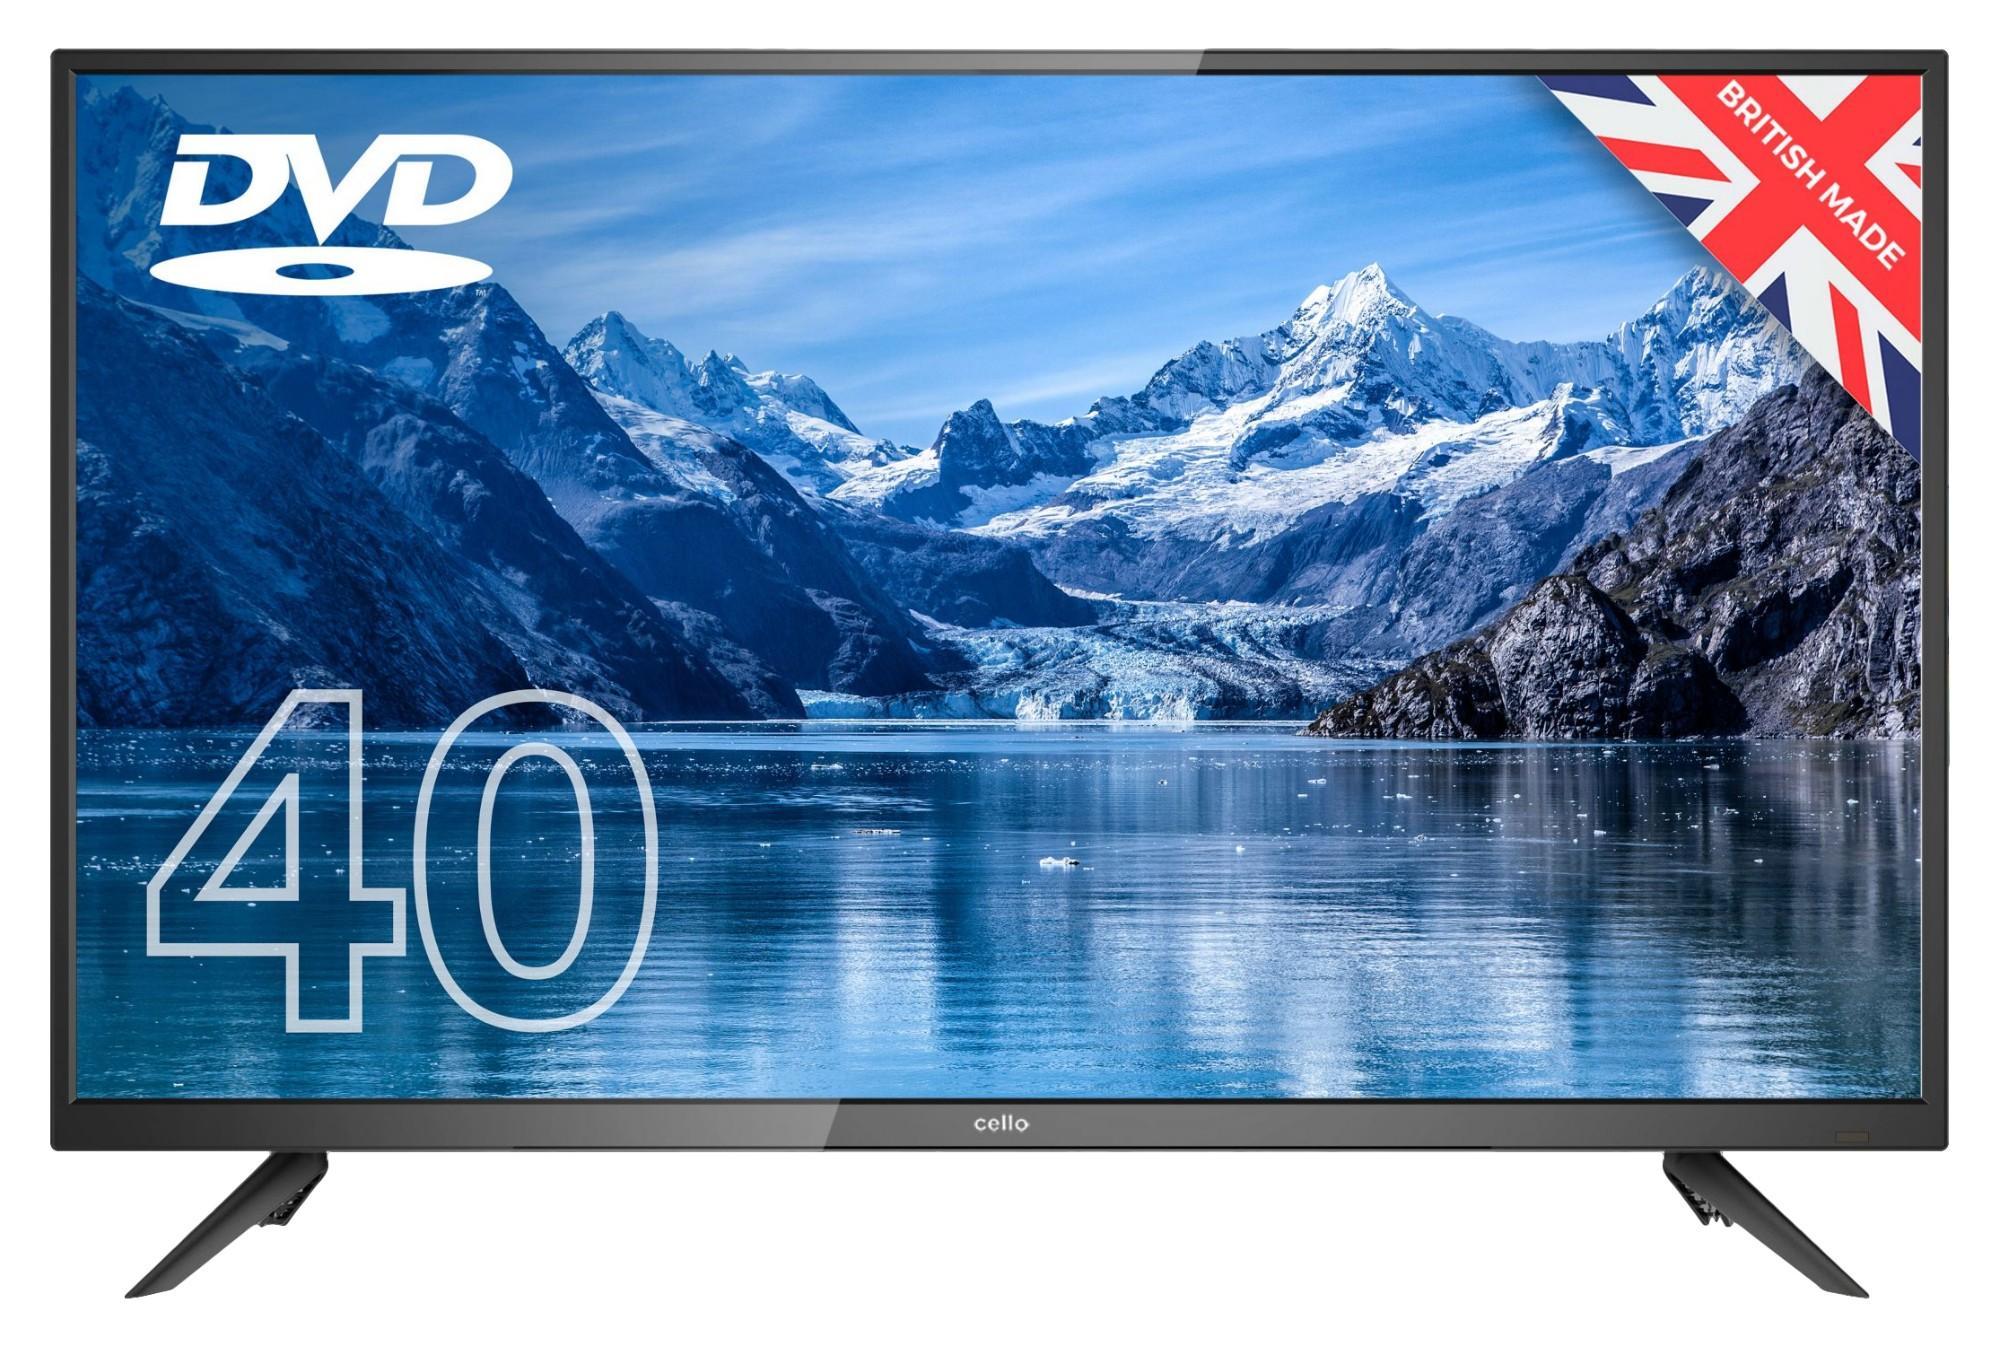 """Cello C4020F TV 101.6 cm (40"""") Full HD Black"""